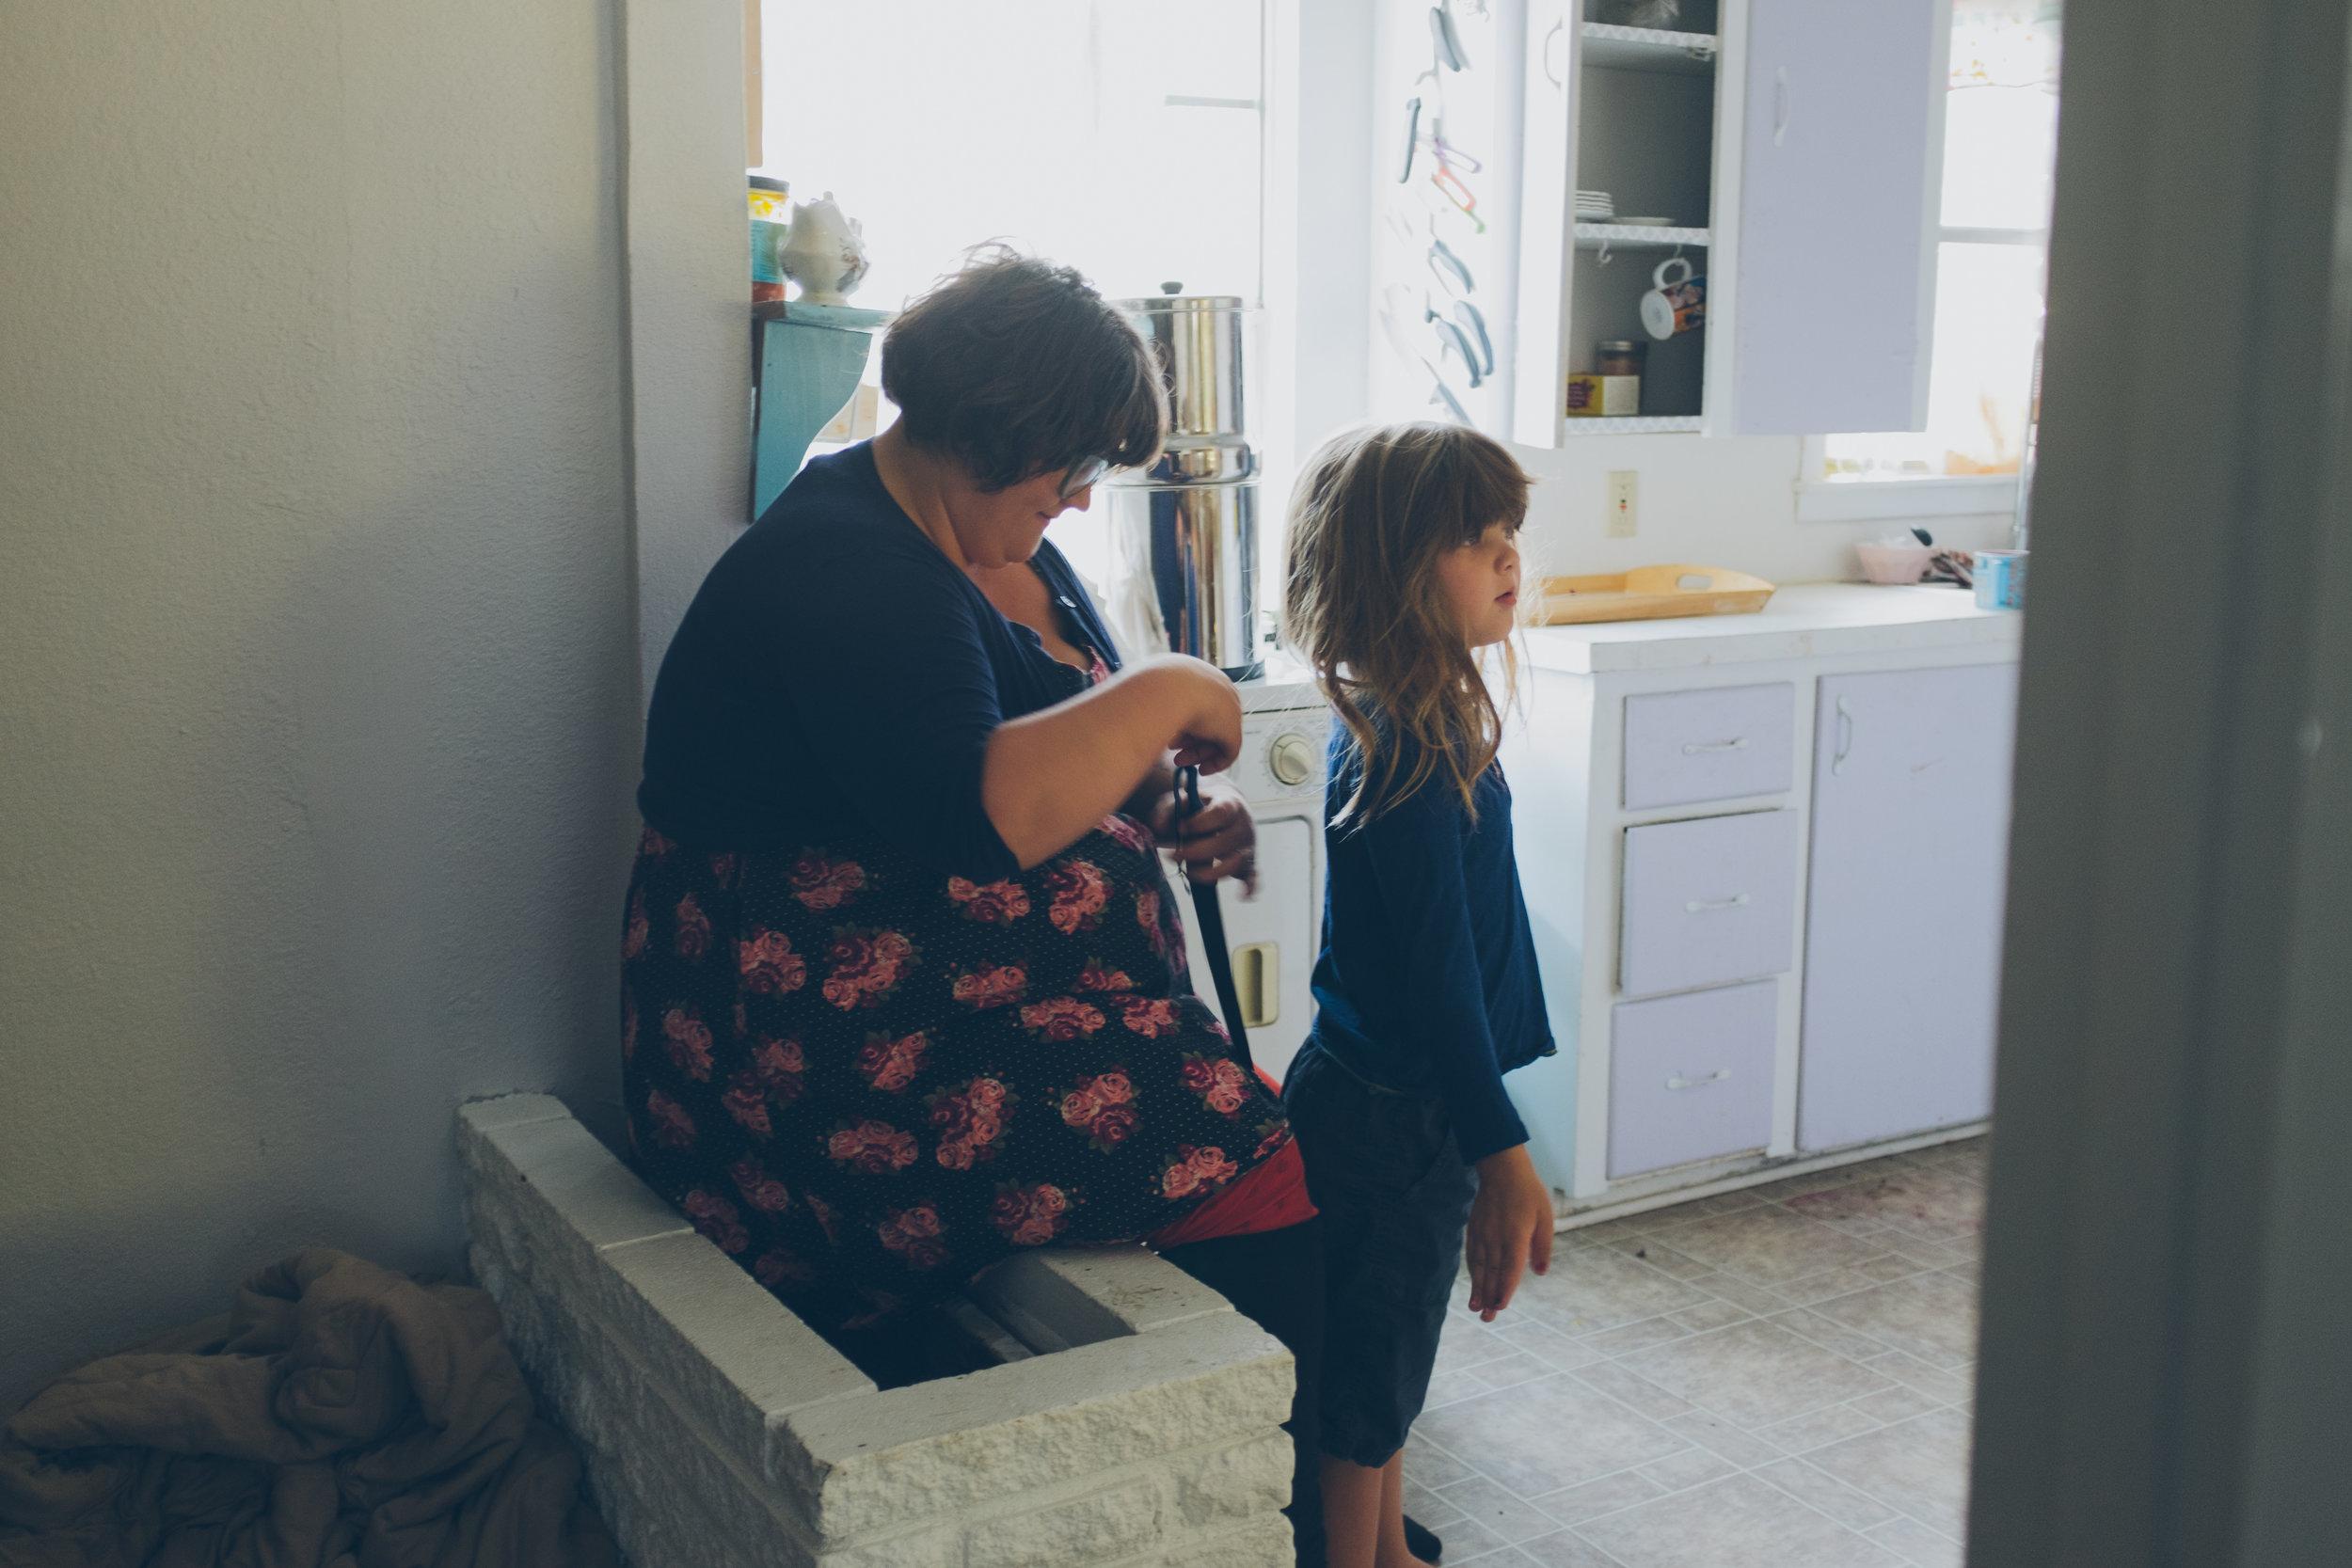 Mother helping dress little boy.